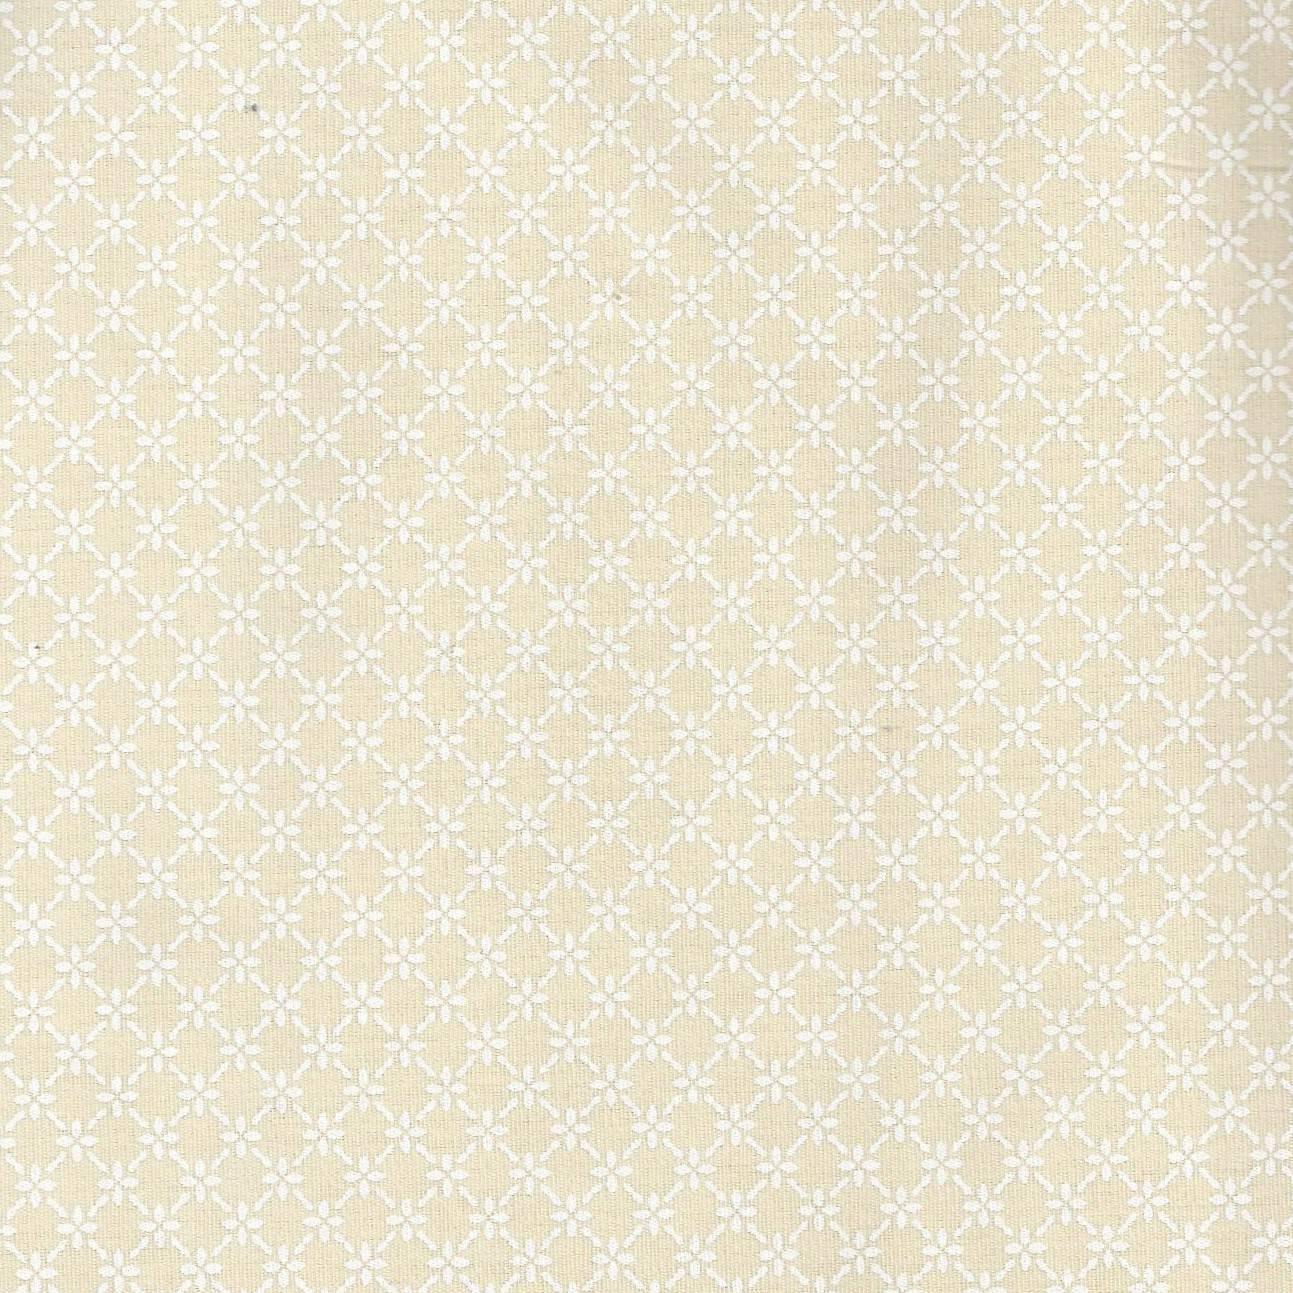 Cerca De Flores , fundo Bege Ref. 900142 Basics & Colors - Armarinhos Nodari